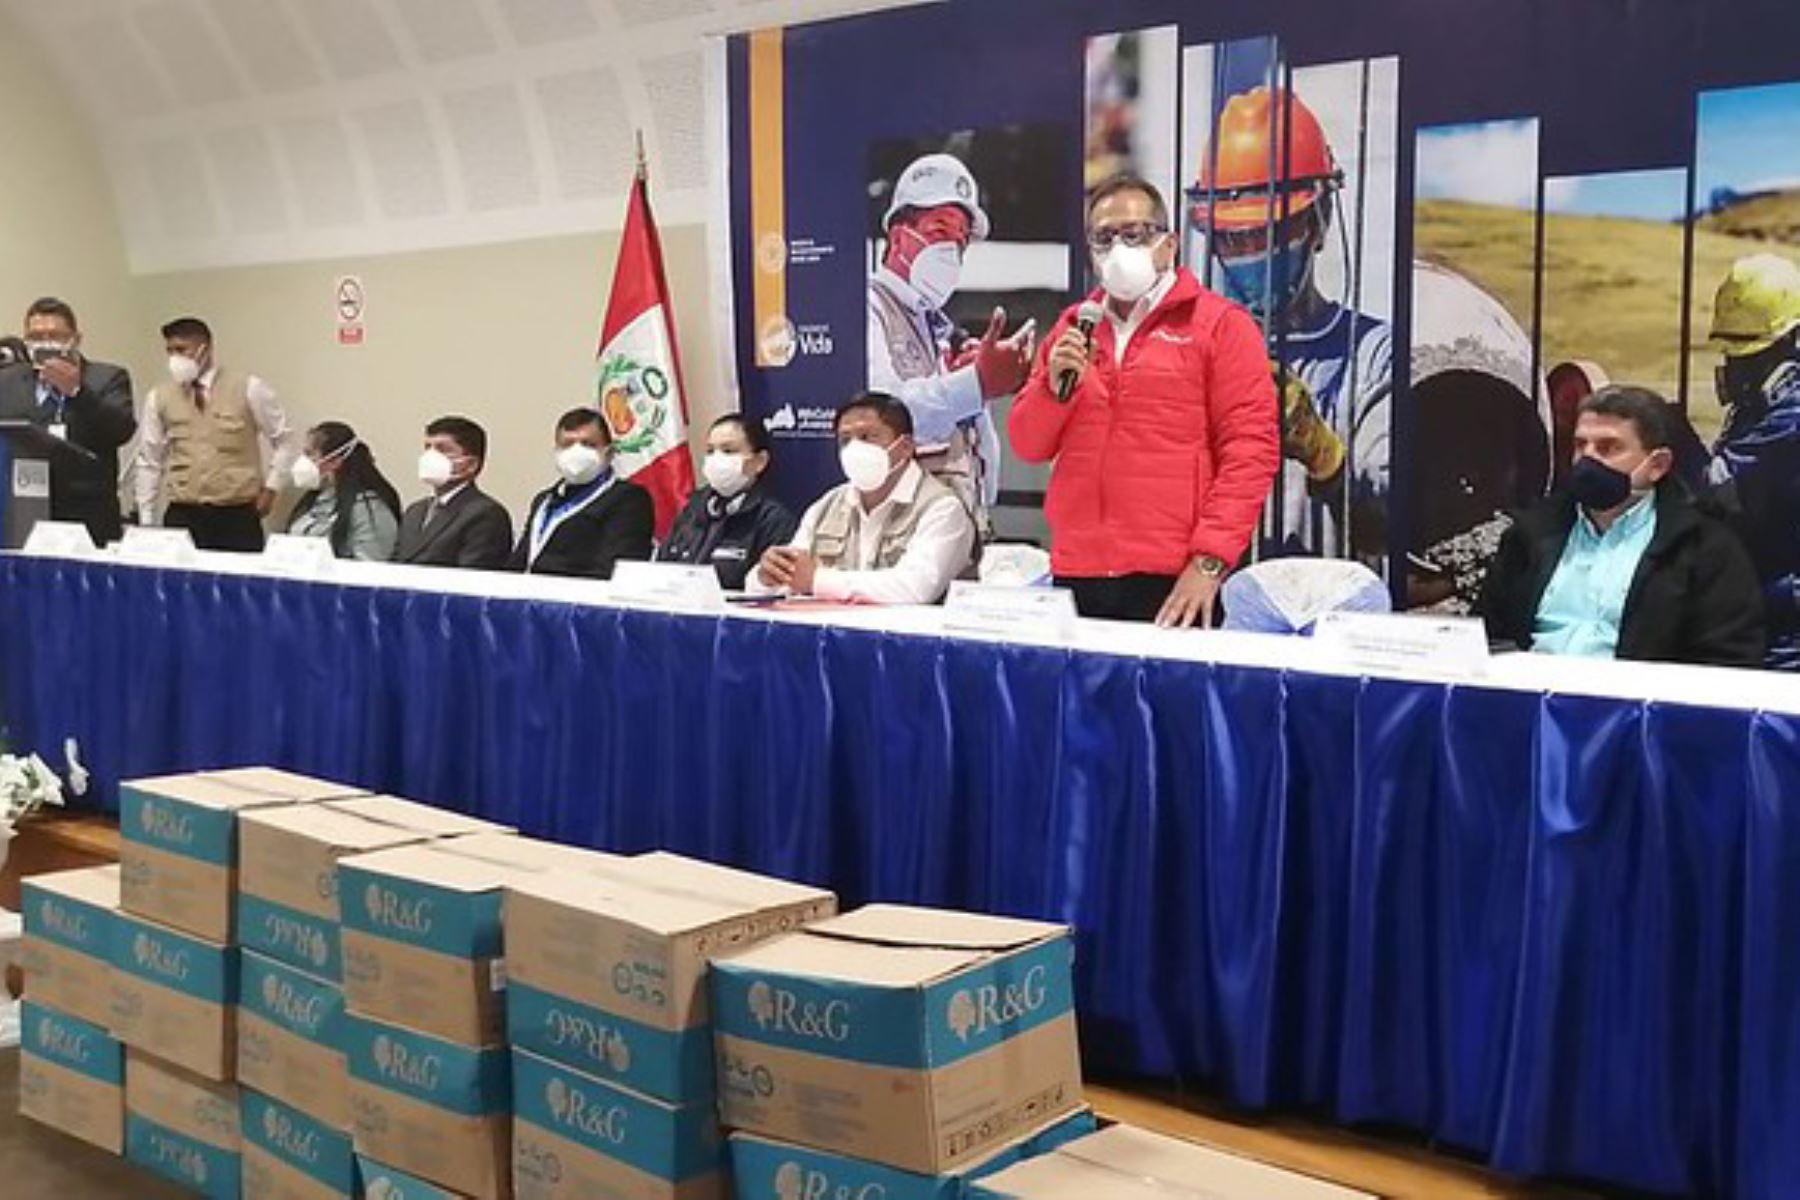 El ministro del Interior, César Gentille, llevó a la región Pasco con más de dos toneladas de ayuda médica. Foto: Mininter